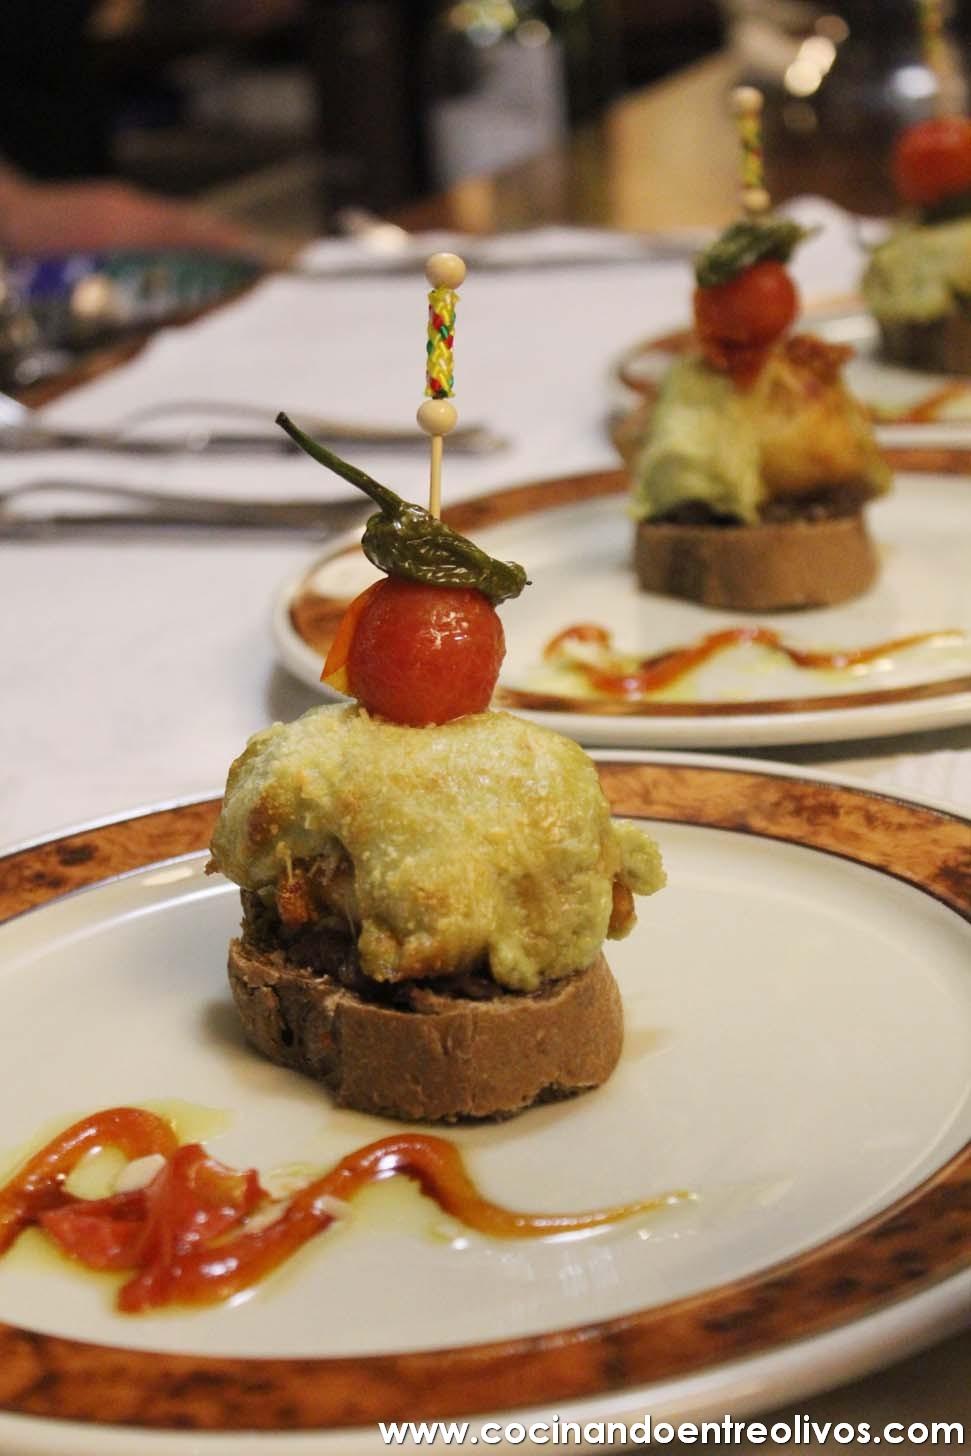 Cocinando entre olivos concurso granada de tapas 2013 for Grifos y tapas granada